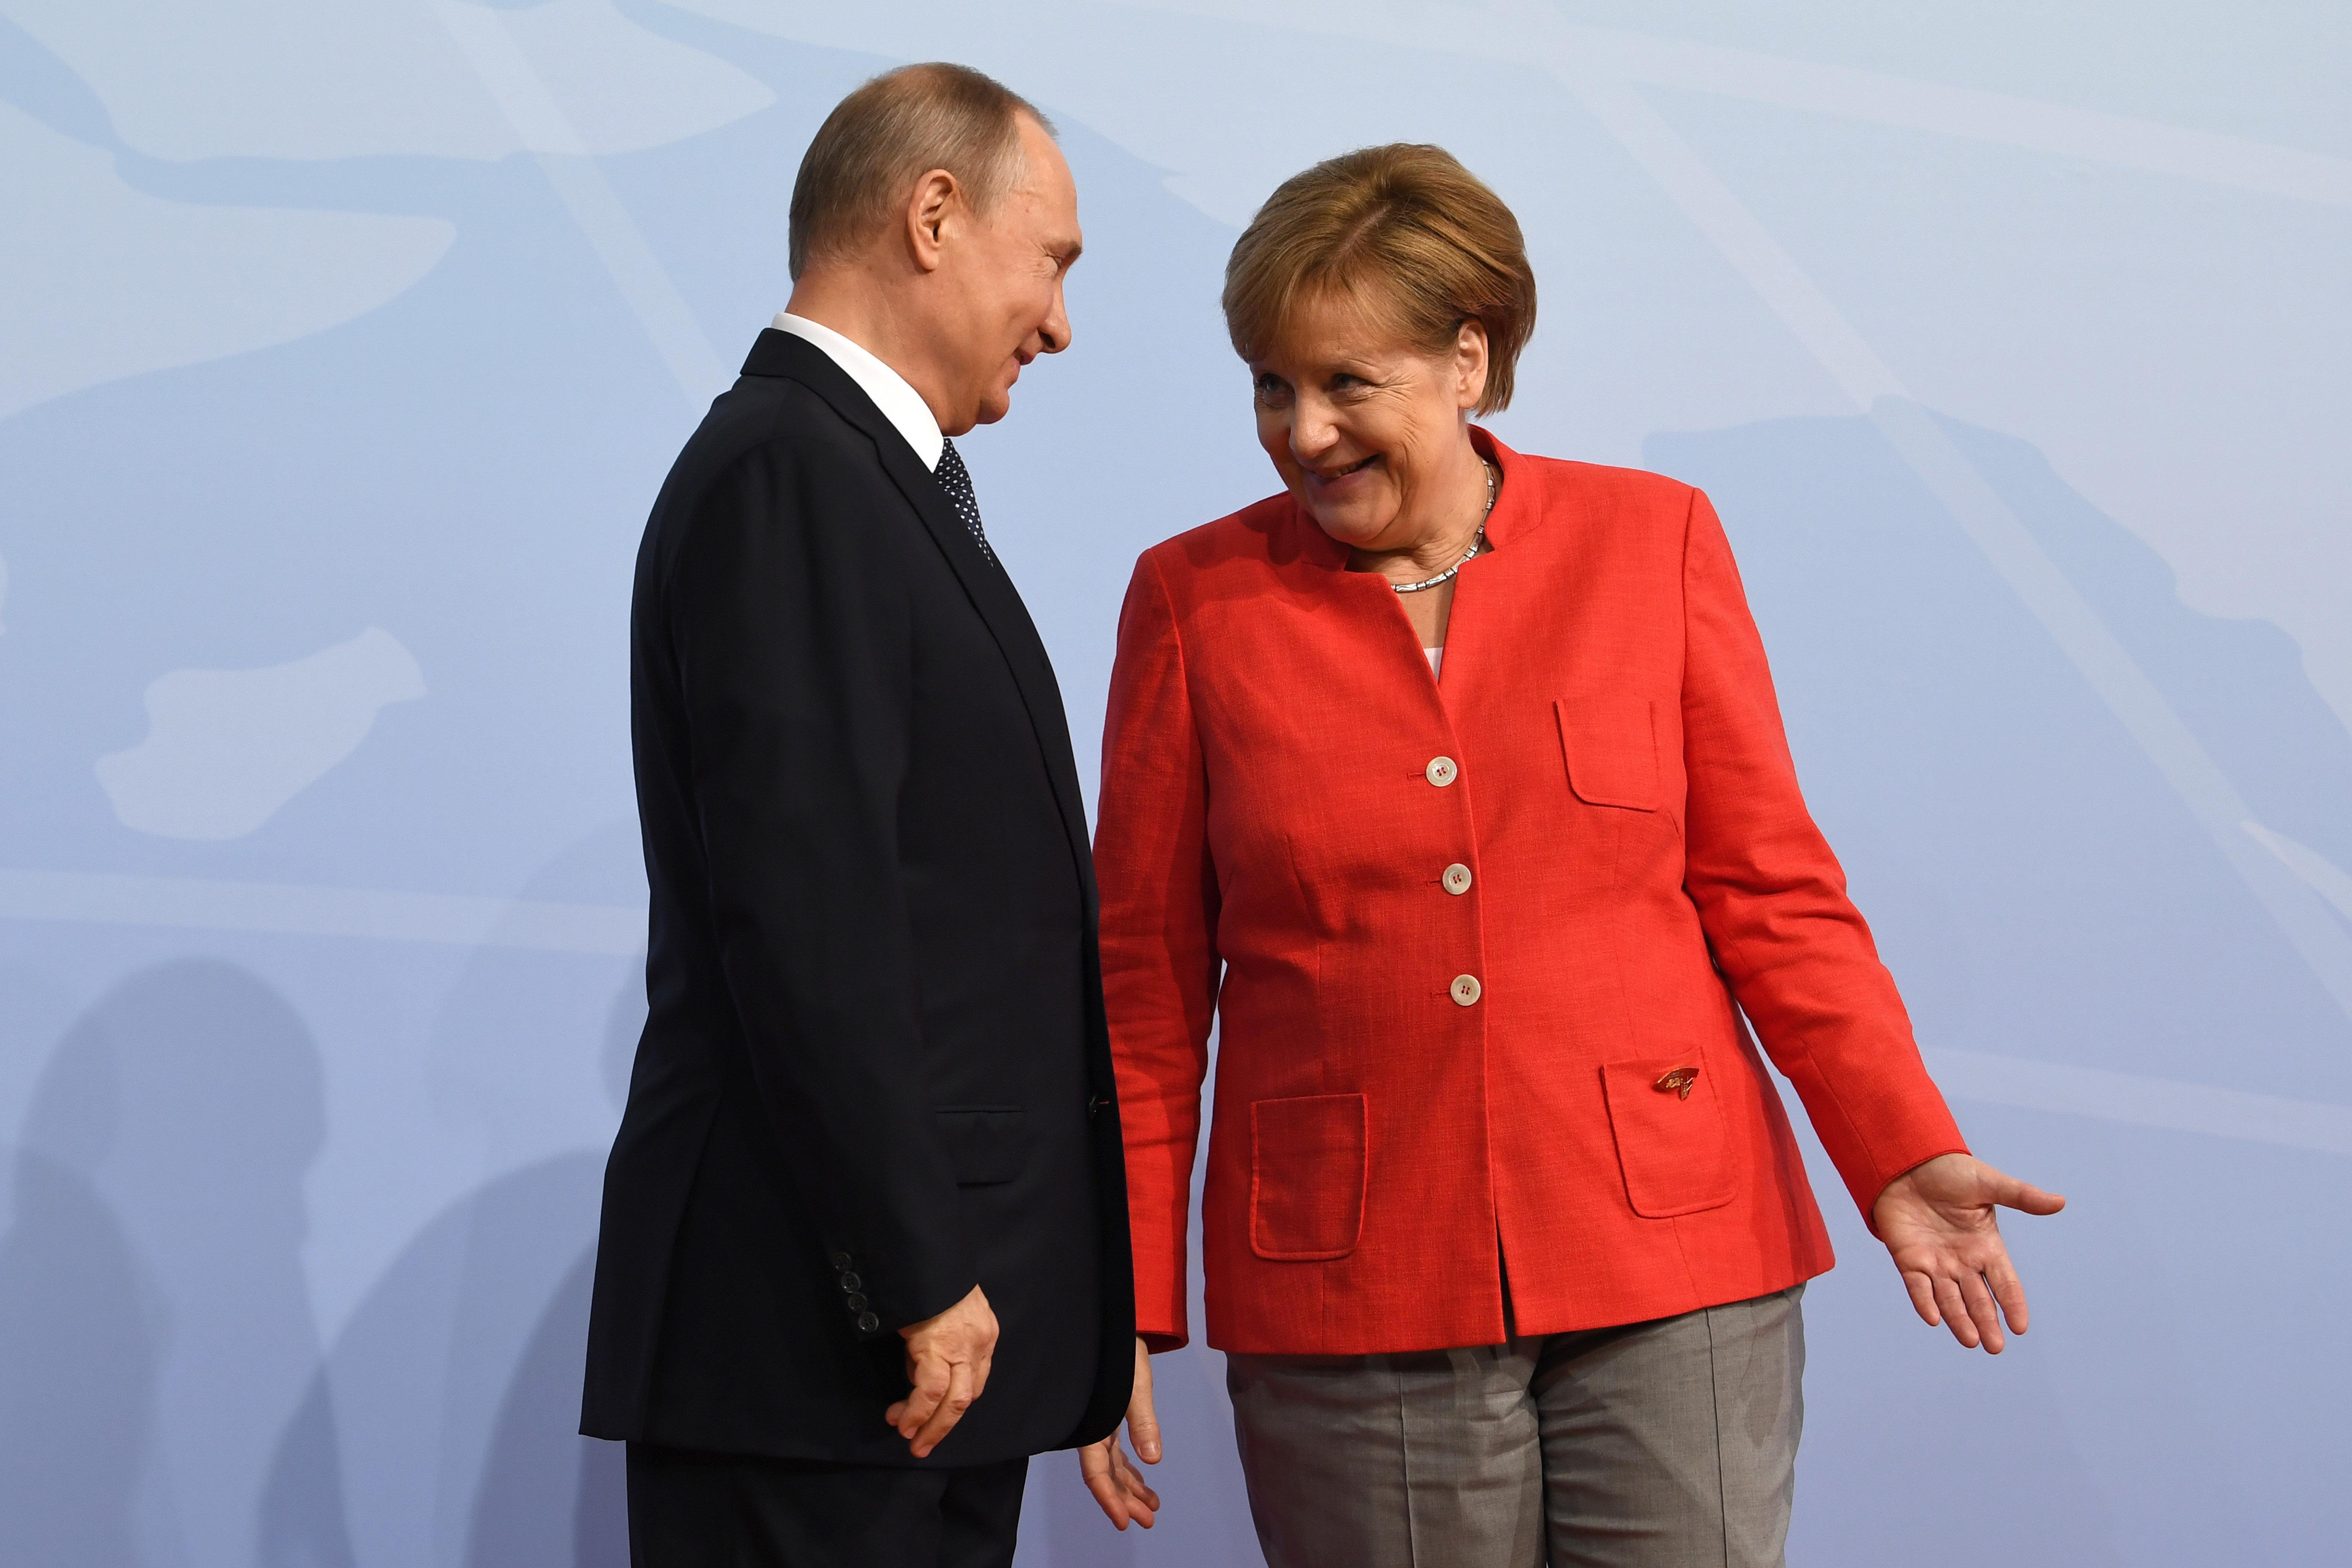 Putin verrät in Doku überraschendes Detail über Merkel